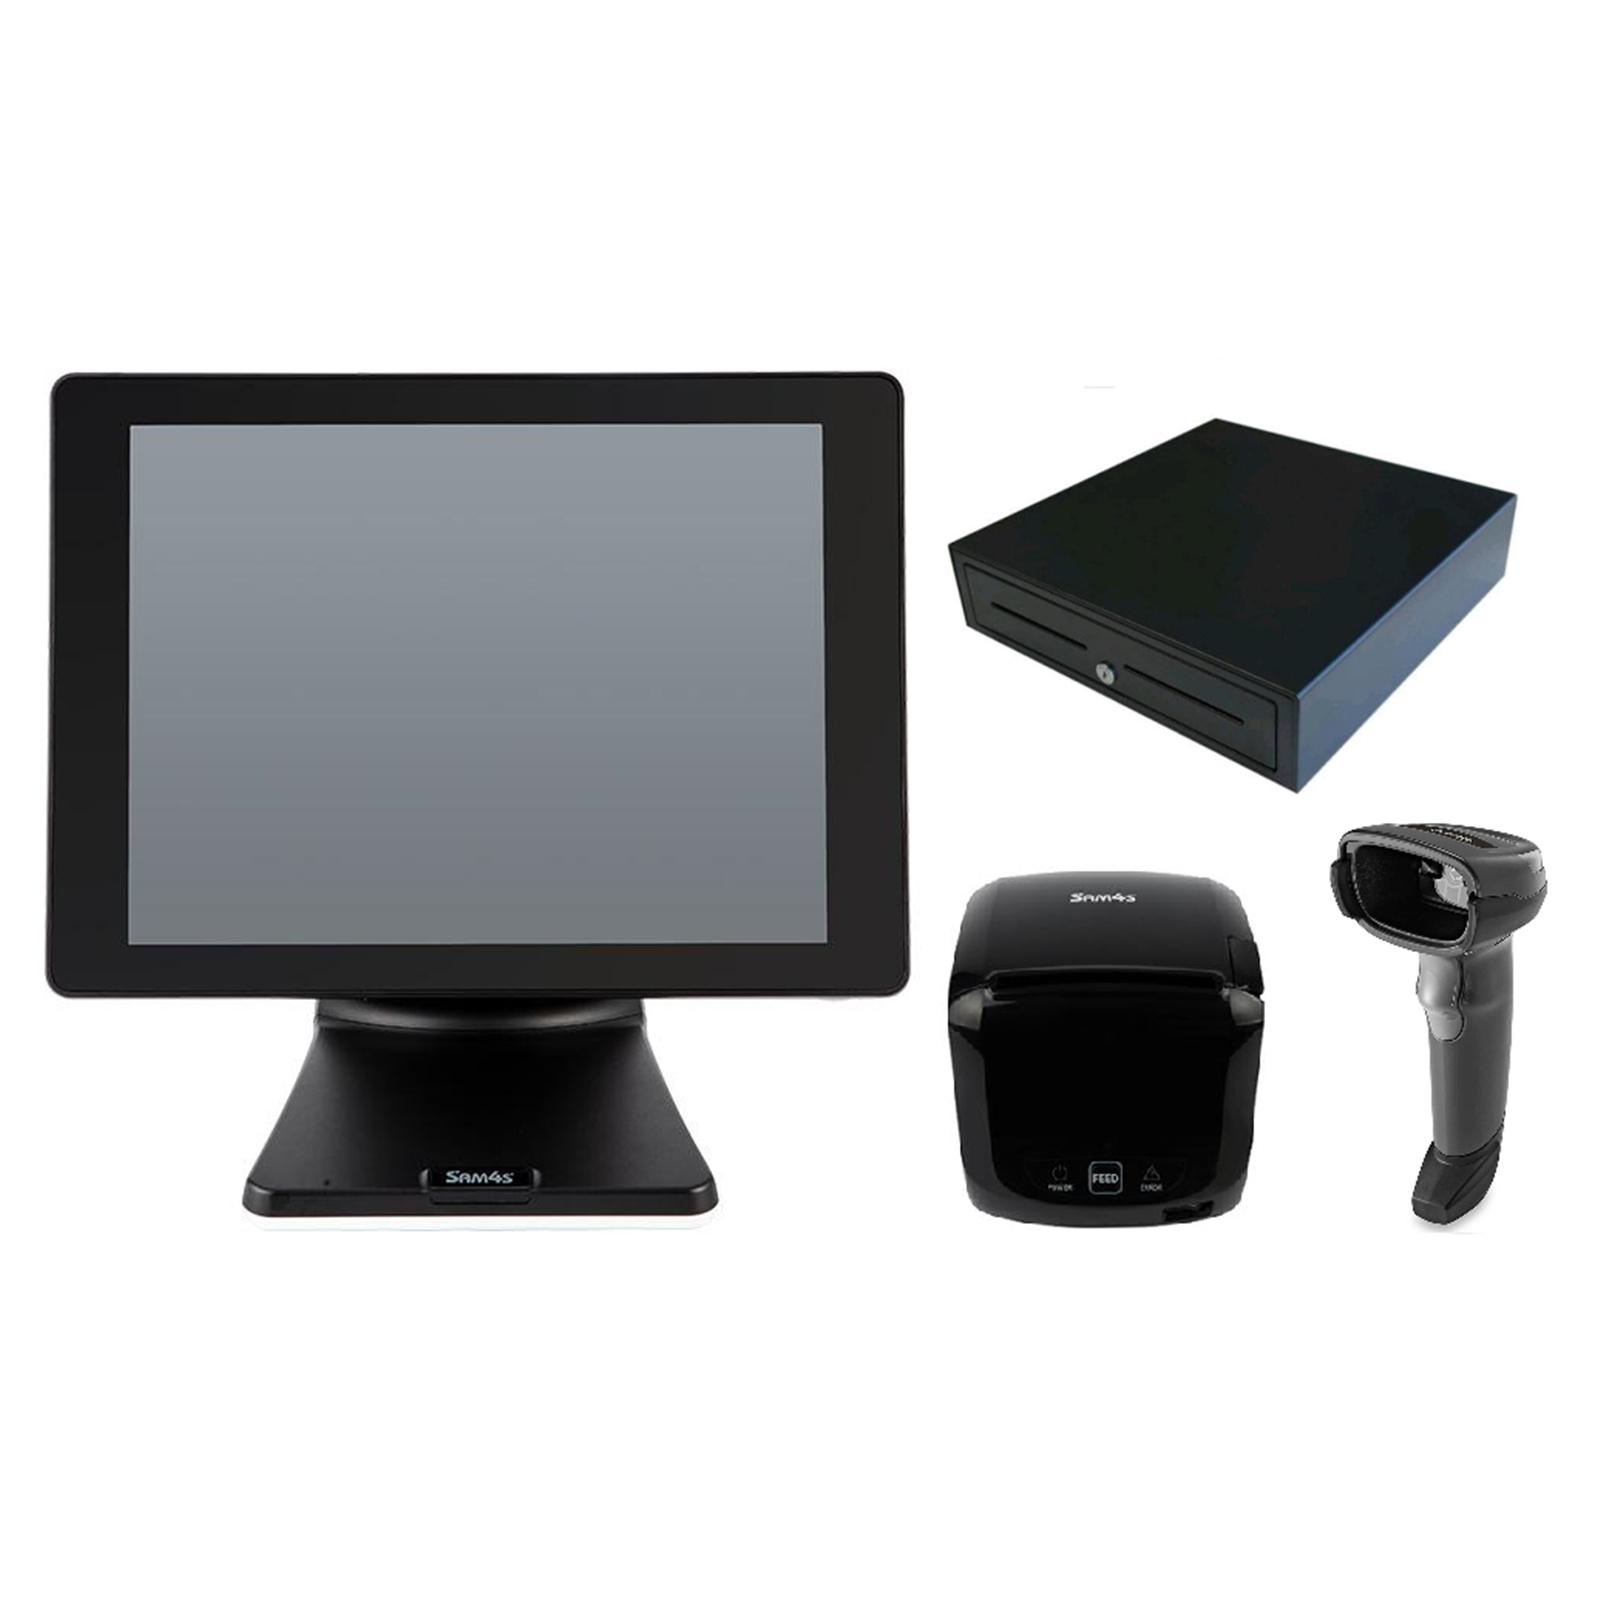 Buy the SAM4S POS Bundle - Titan 260S POS Terminal + Giant